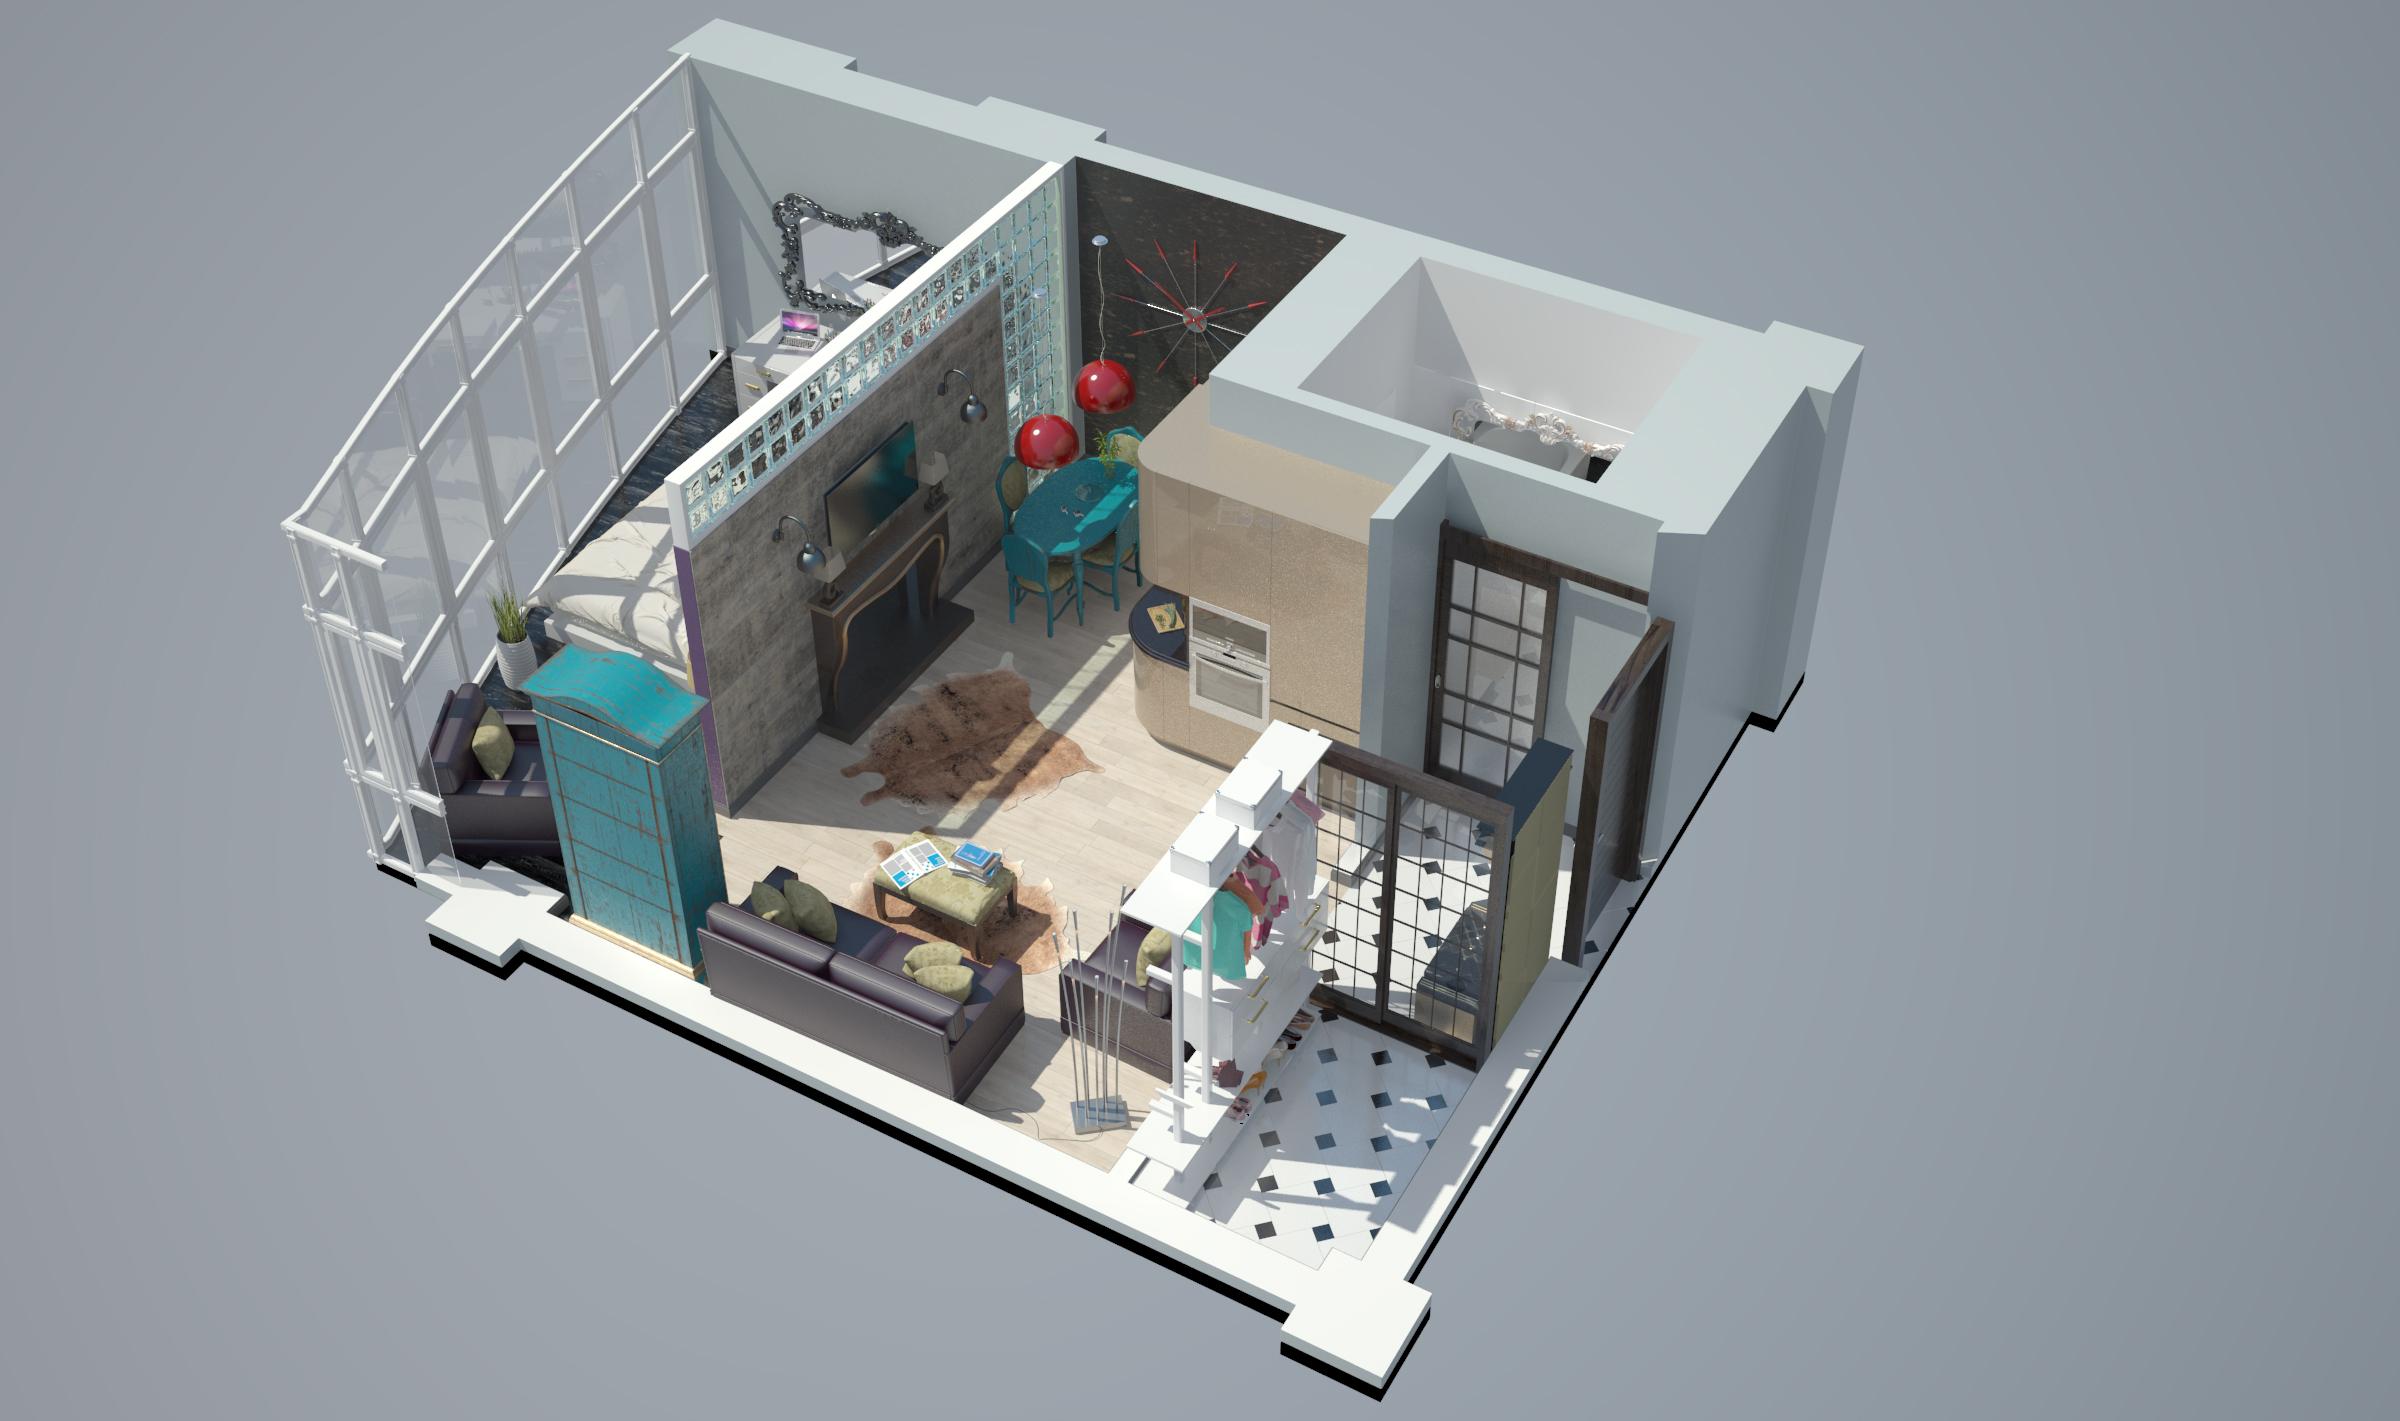 Однокомнатная квартира в новостройке общий вид  3